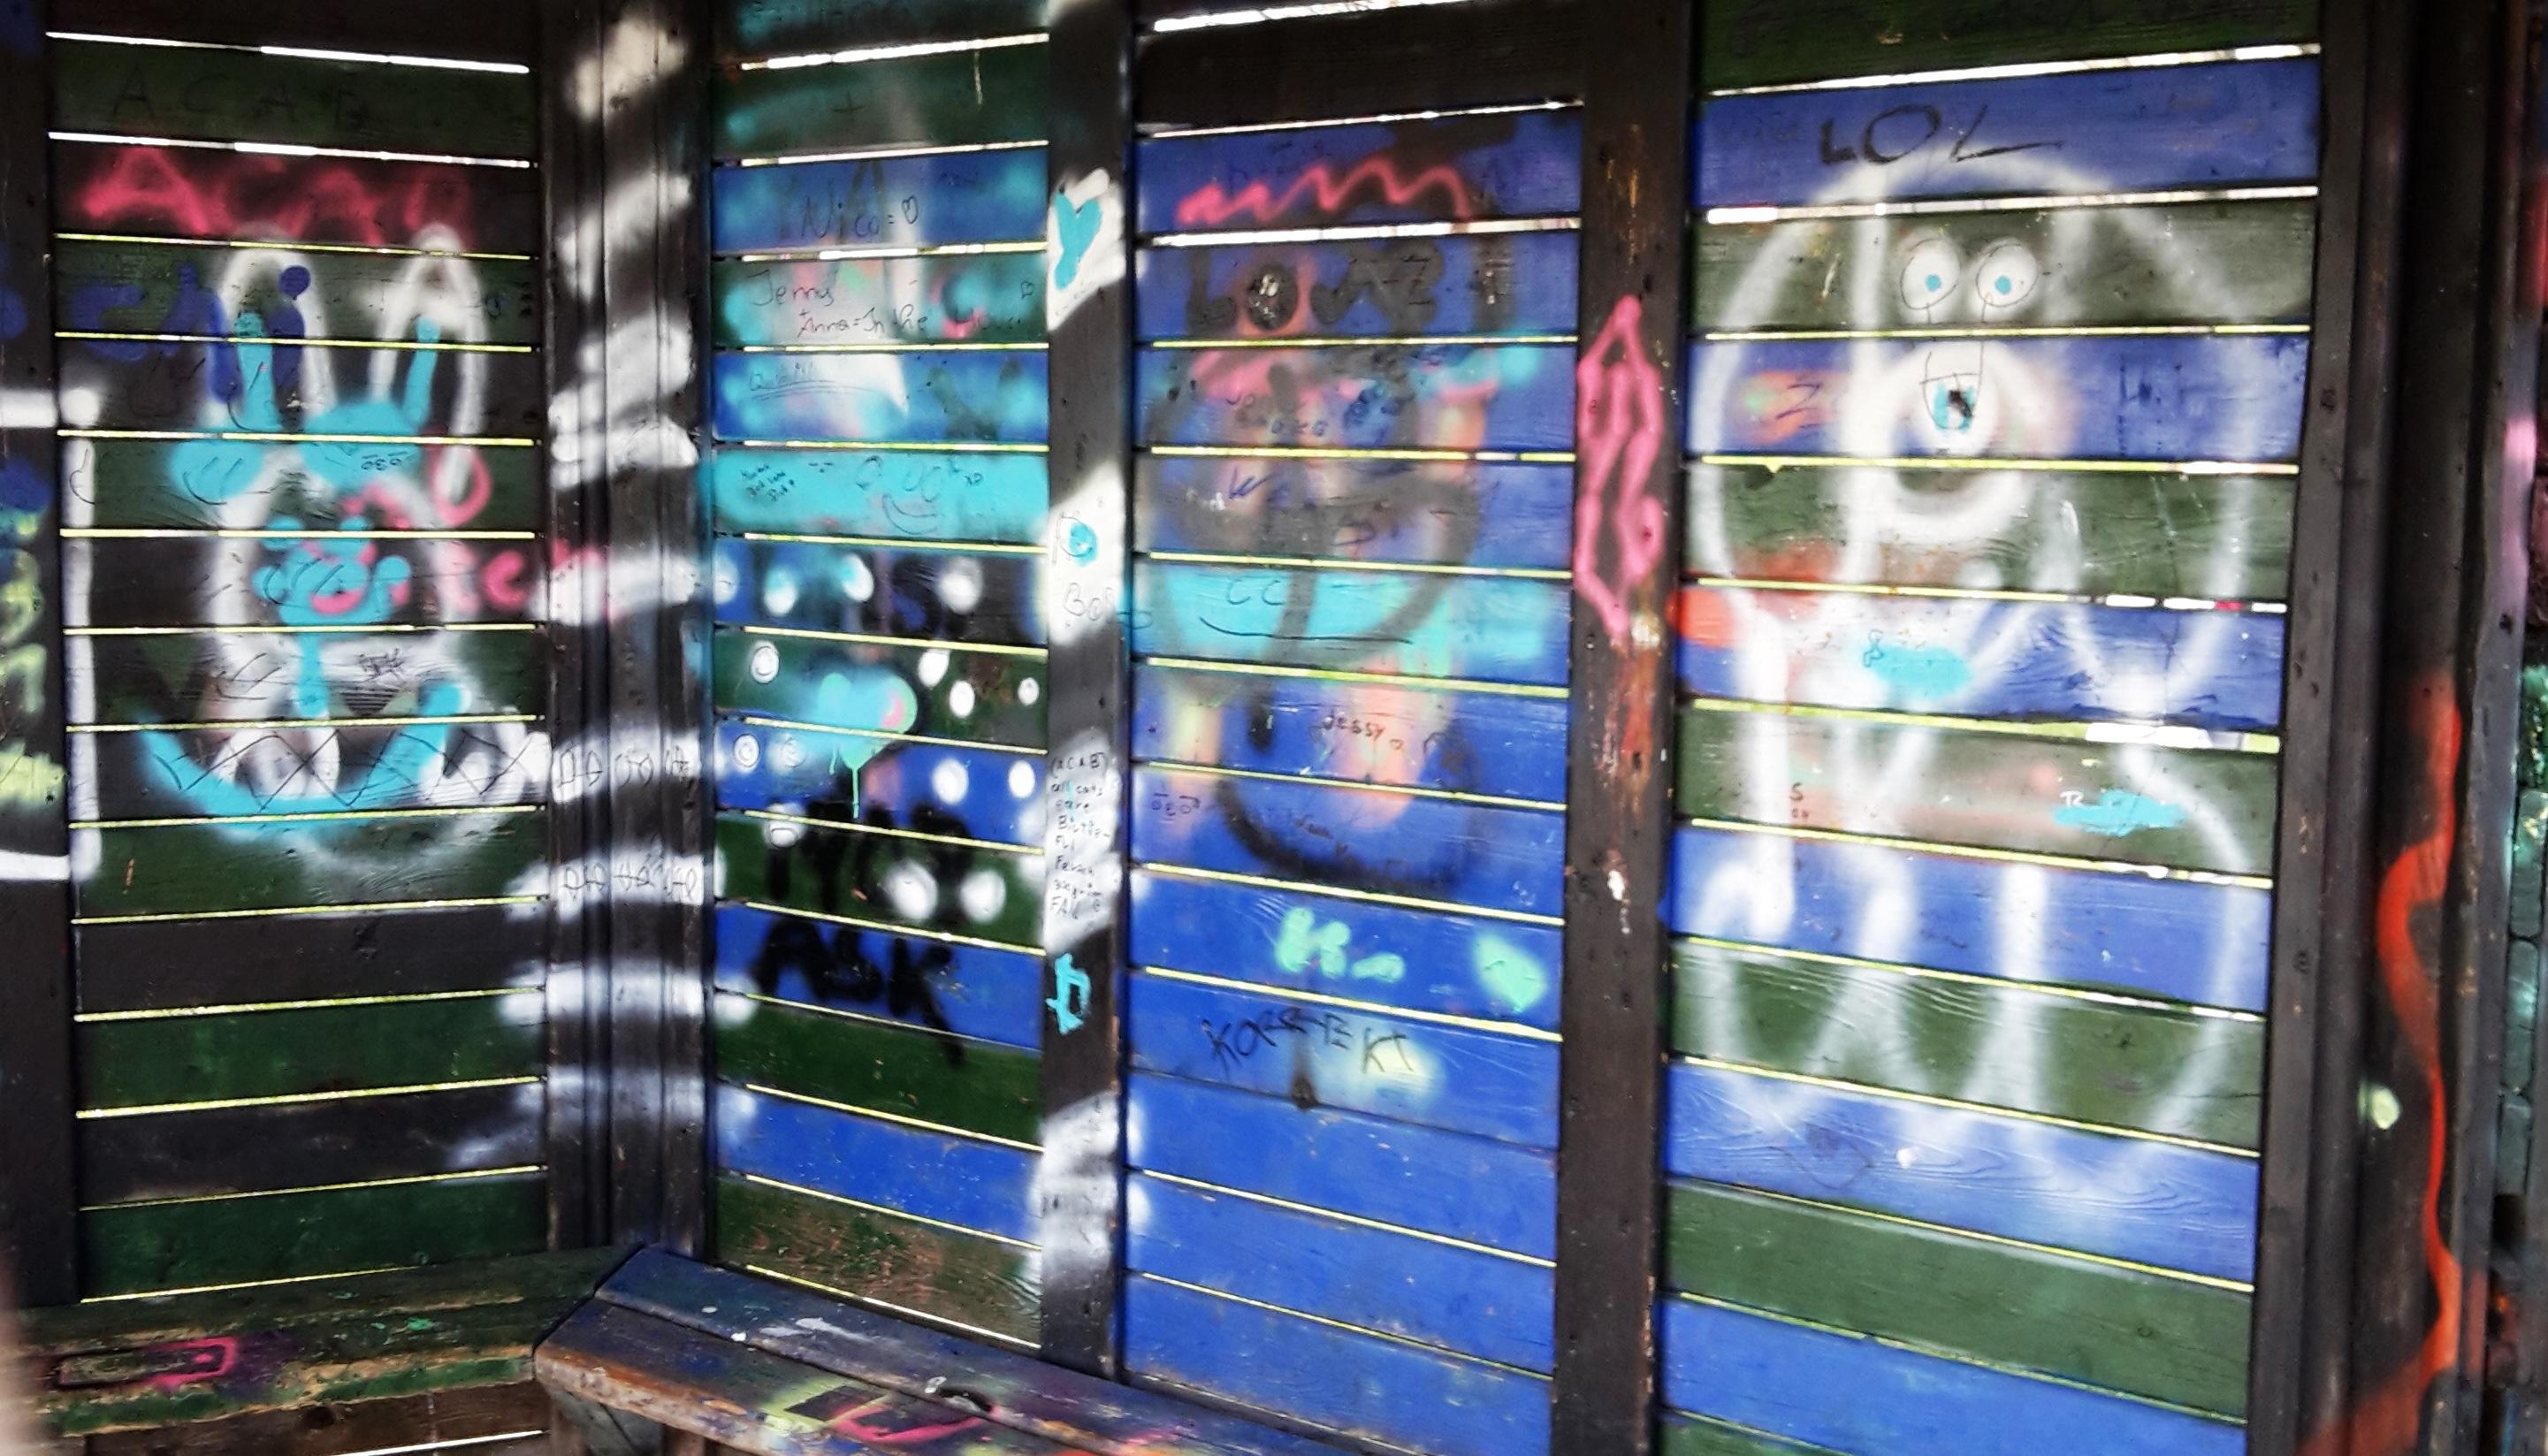 Glasfassade bunt  Kostenlose foto : Bank, Glas, sprühen, Farbe, Maschine, bunt ...